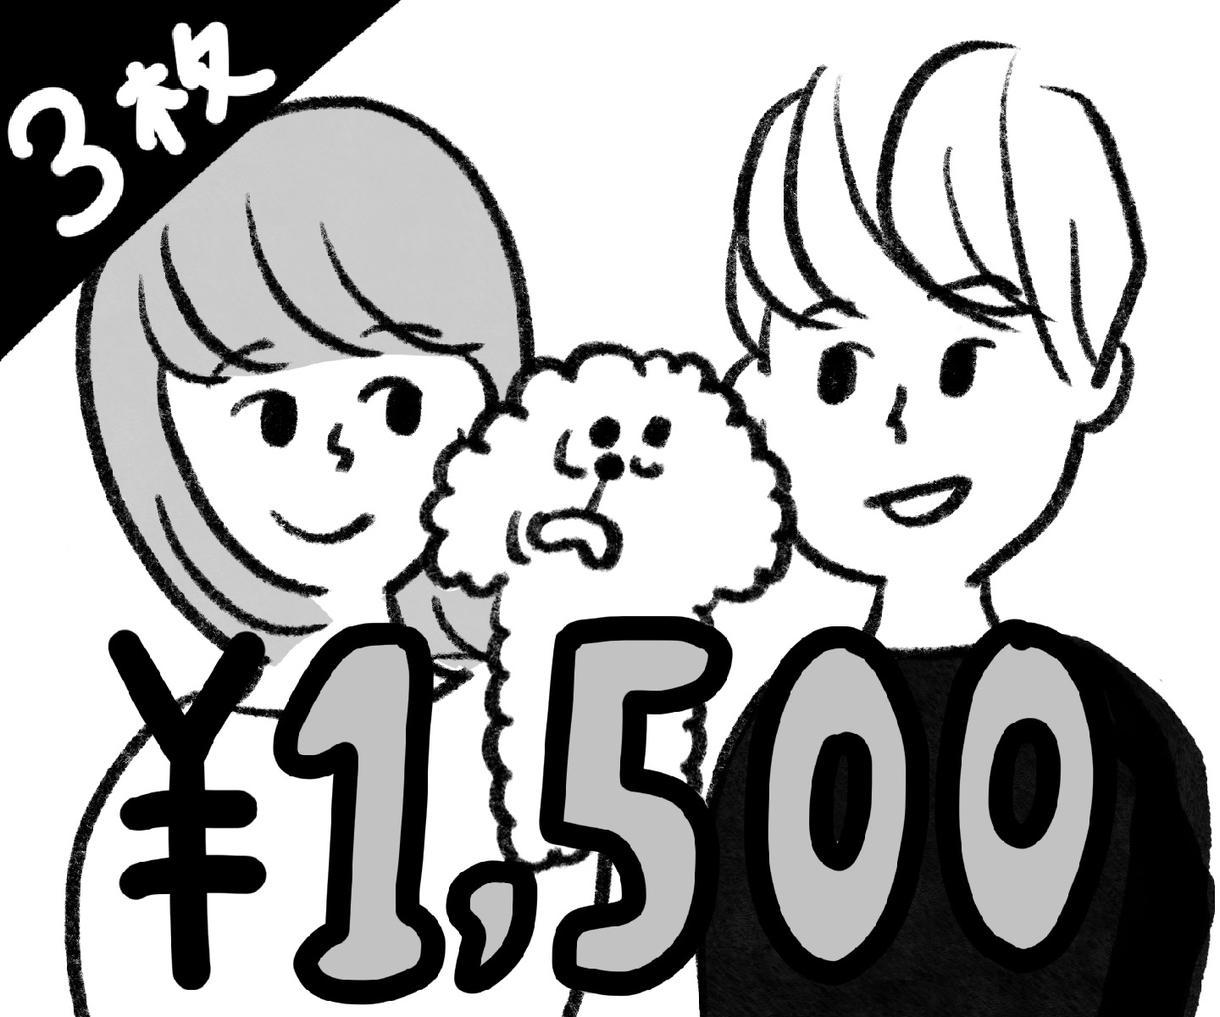 3枚セット★商用OKモノクロイラスト描きます 簡単な手書タッチのイラストを気軽なお値段で!追加料金ナシです